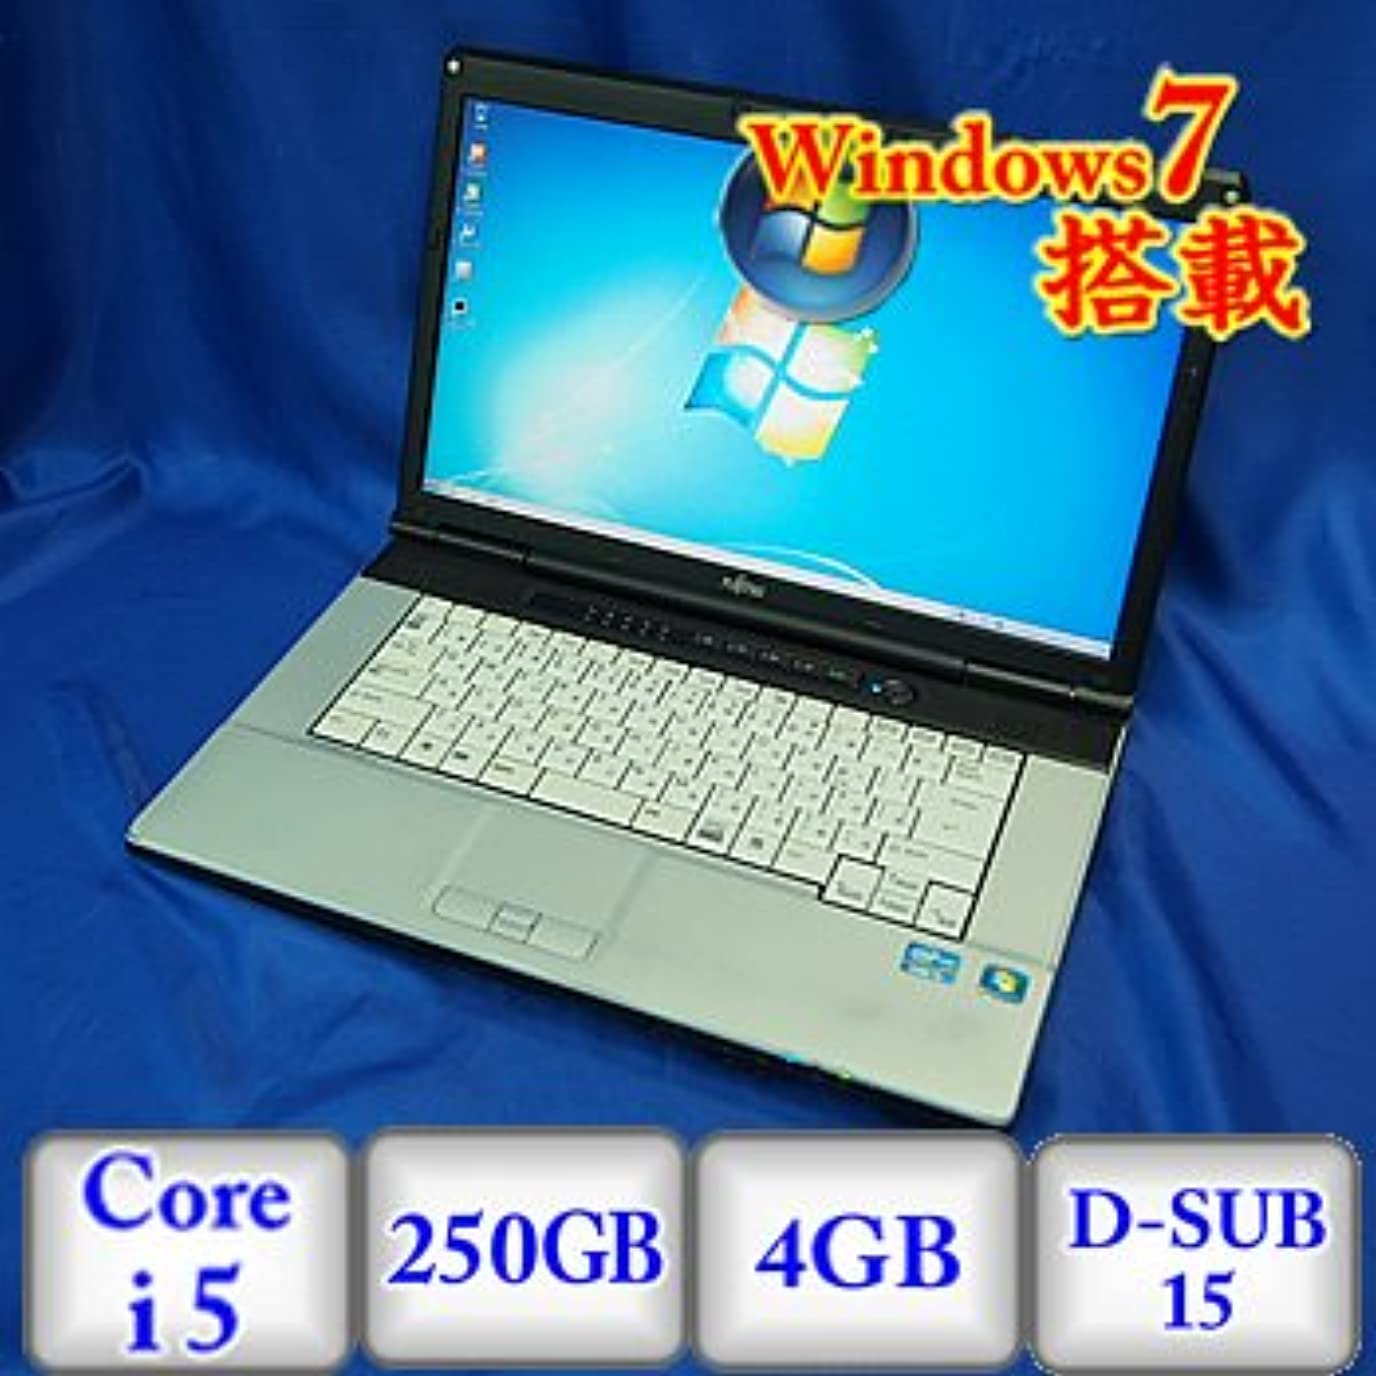 複製する労苦ビット【中古ノートパソコン】富士通 LIFEBOOK E741/D [FMVNE5NE] -Windows7 Professional 32bit Core i5 2.5GHz 4GB 250GB ドライブ なし 15.6インチ(B0113N012)